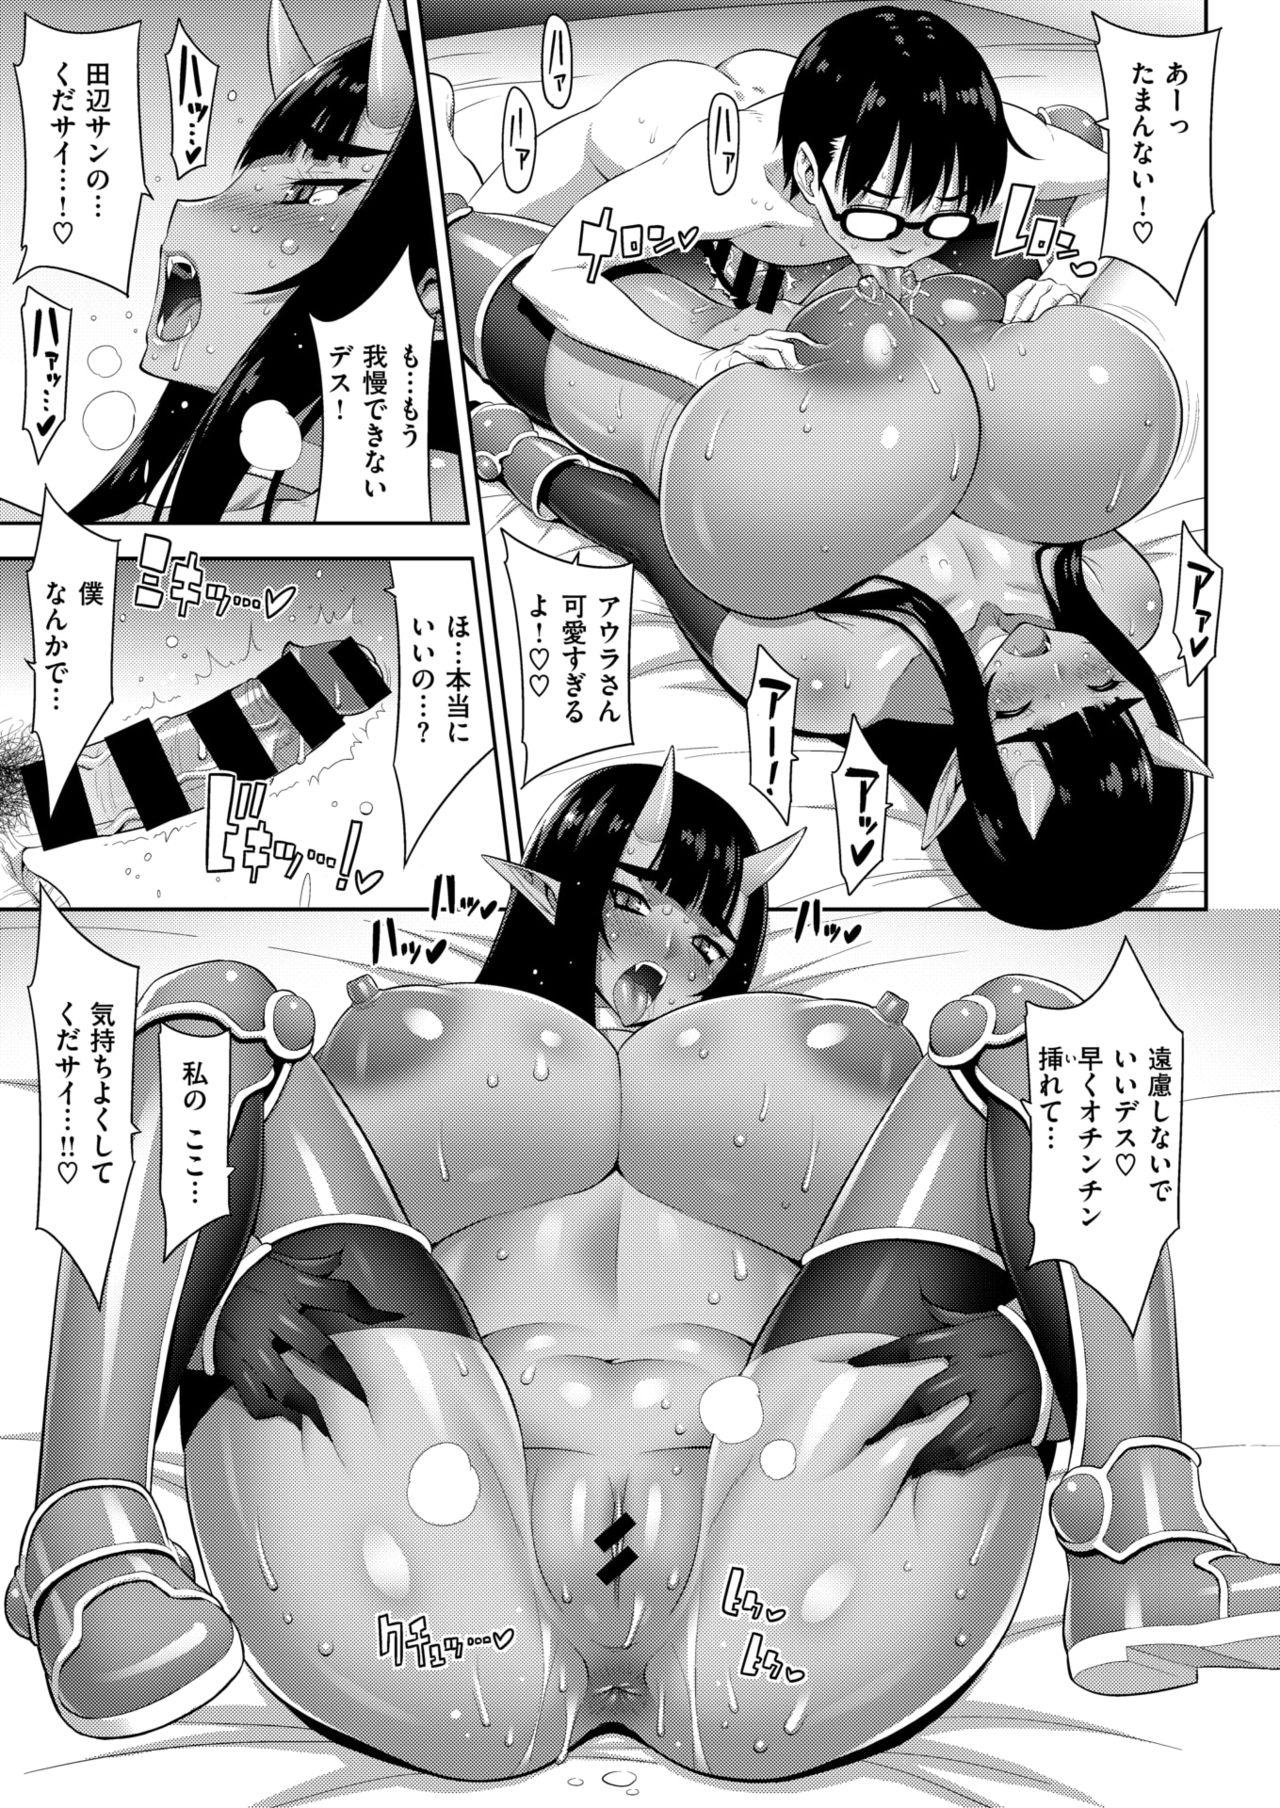 COMIC X-EROS #63 157